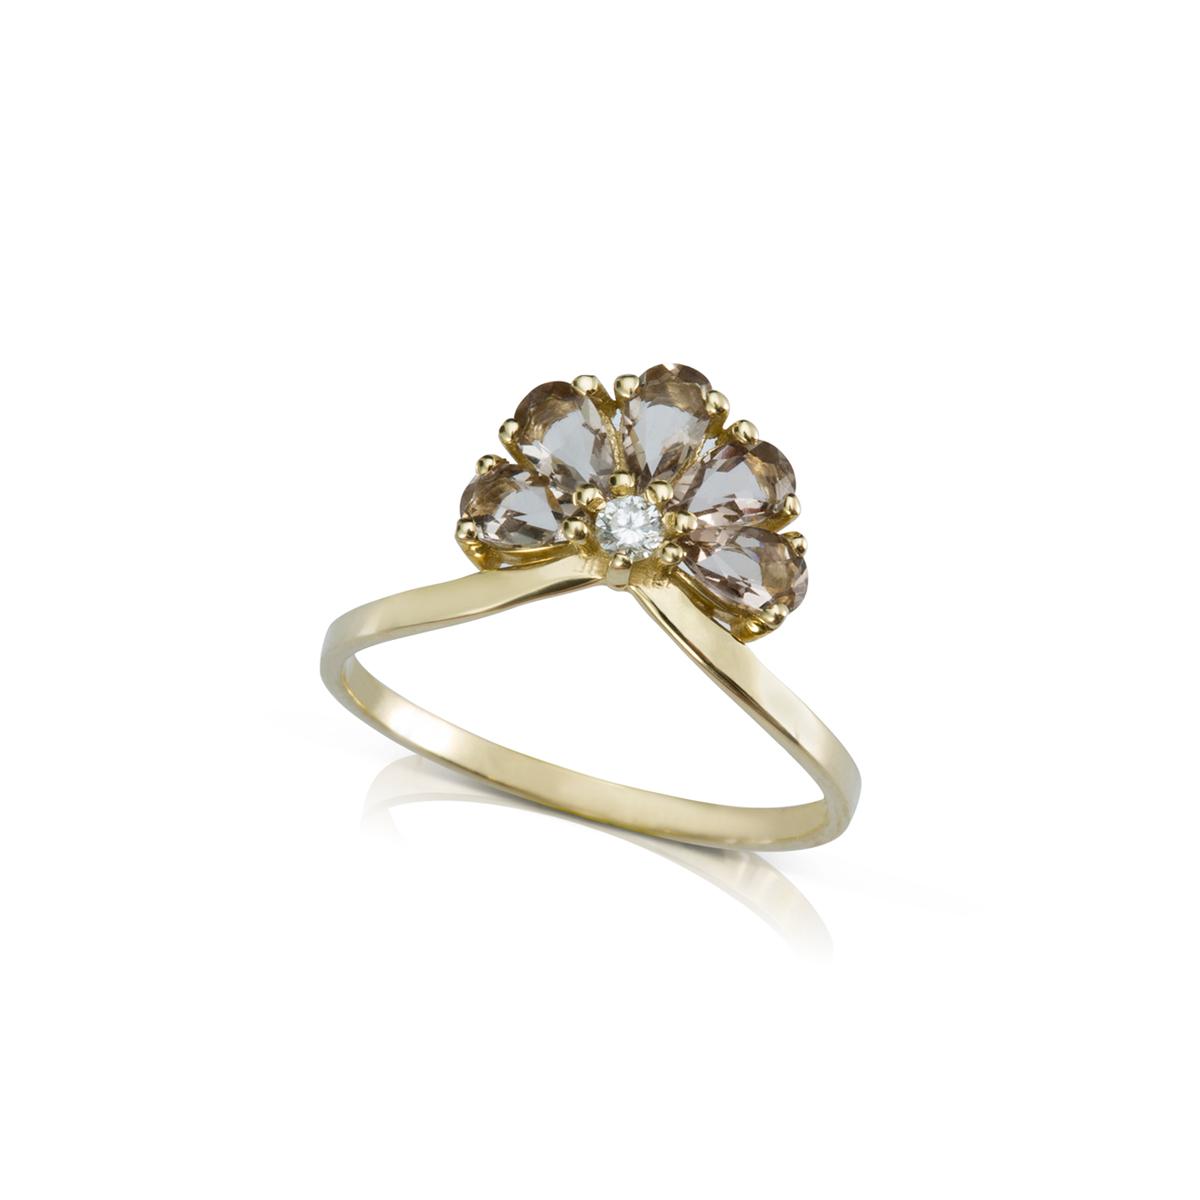 טבעת זהב משובצת ב-5 אבני סמוקי קווארץ בהירות ויהלום